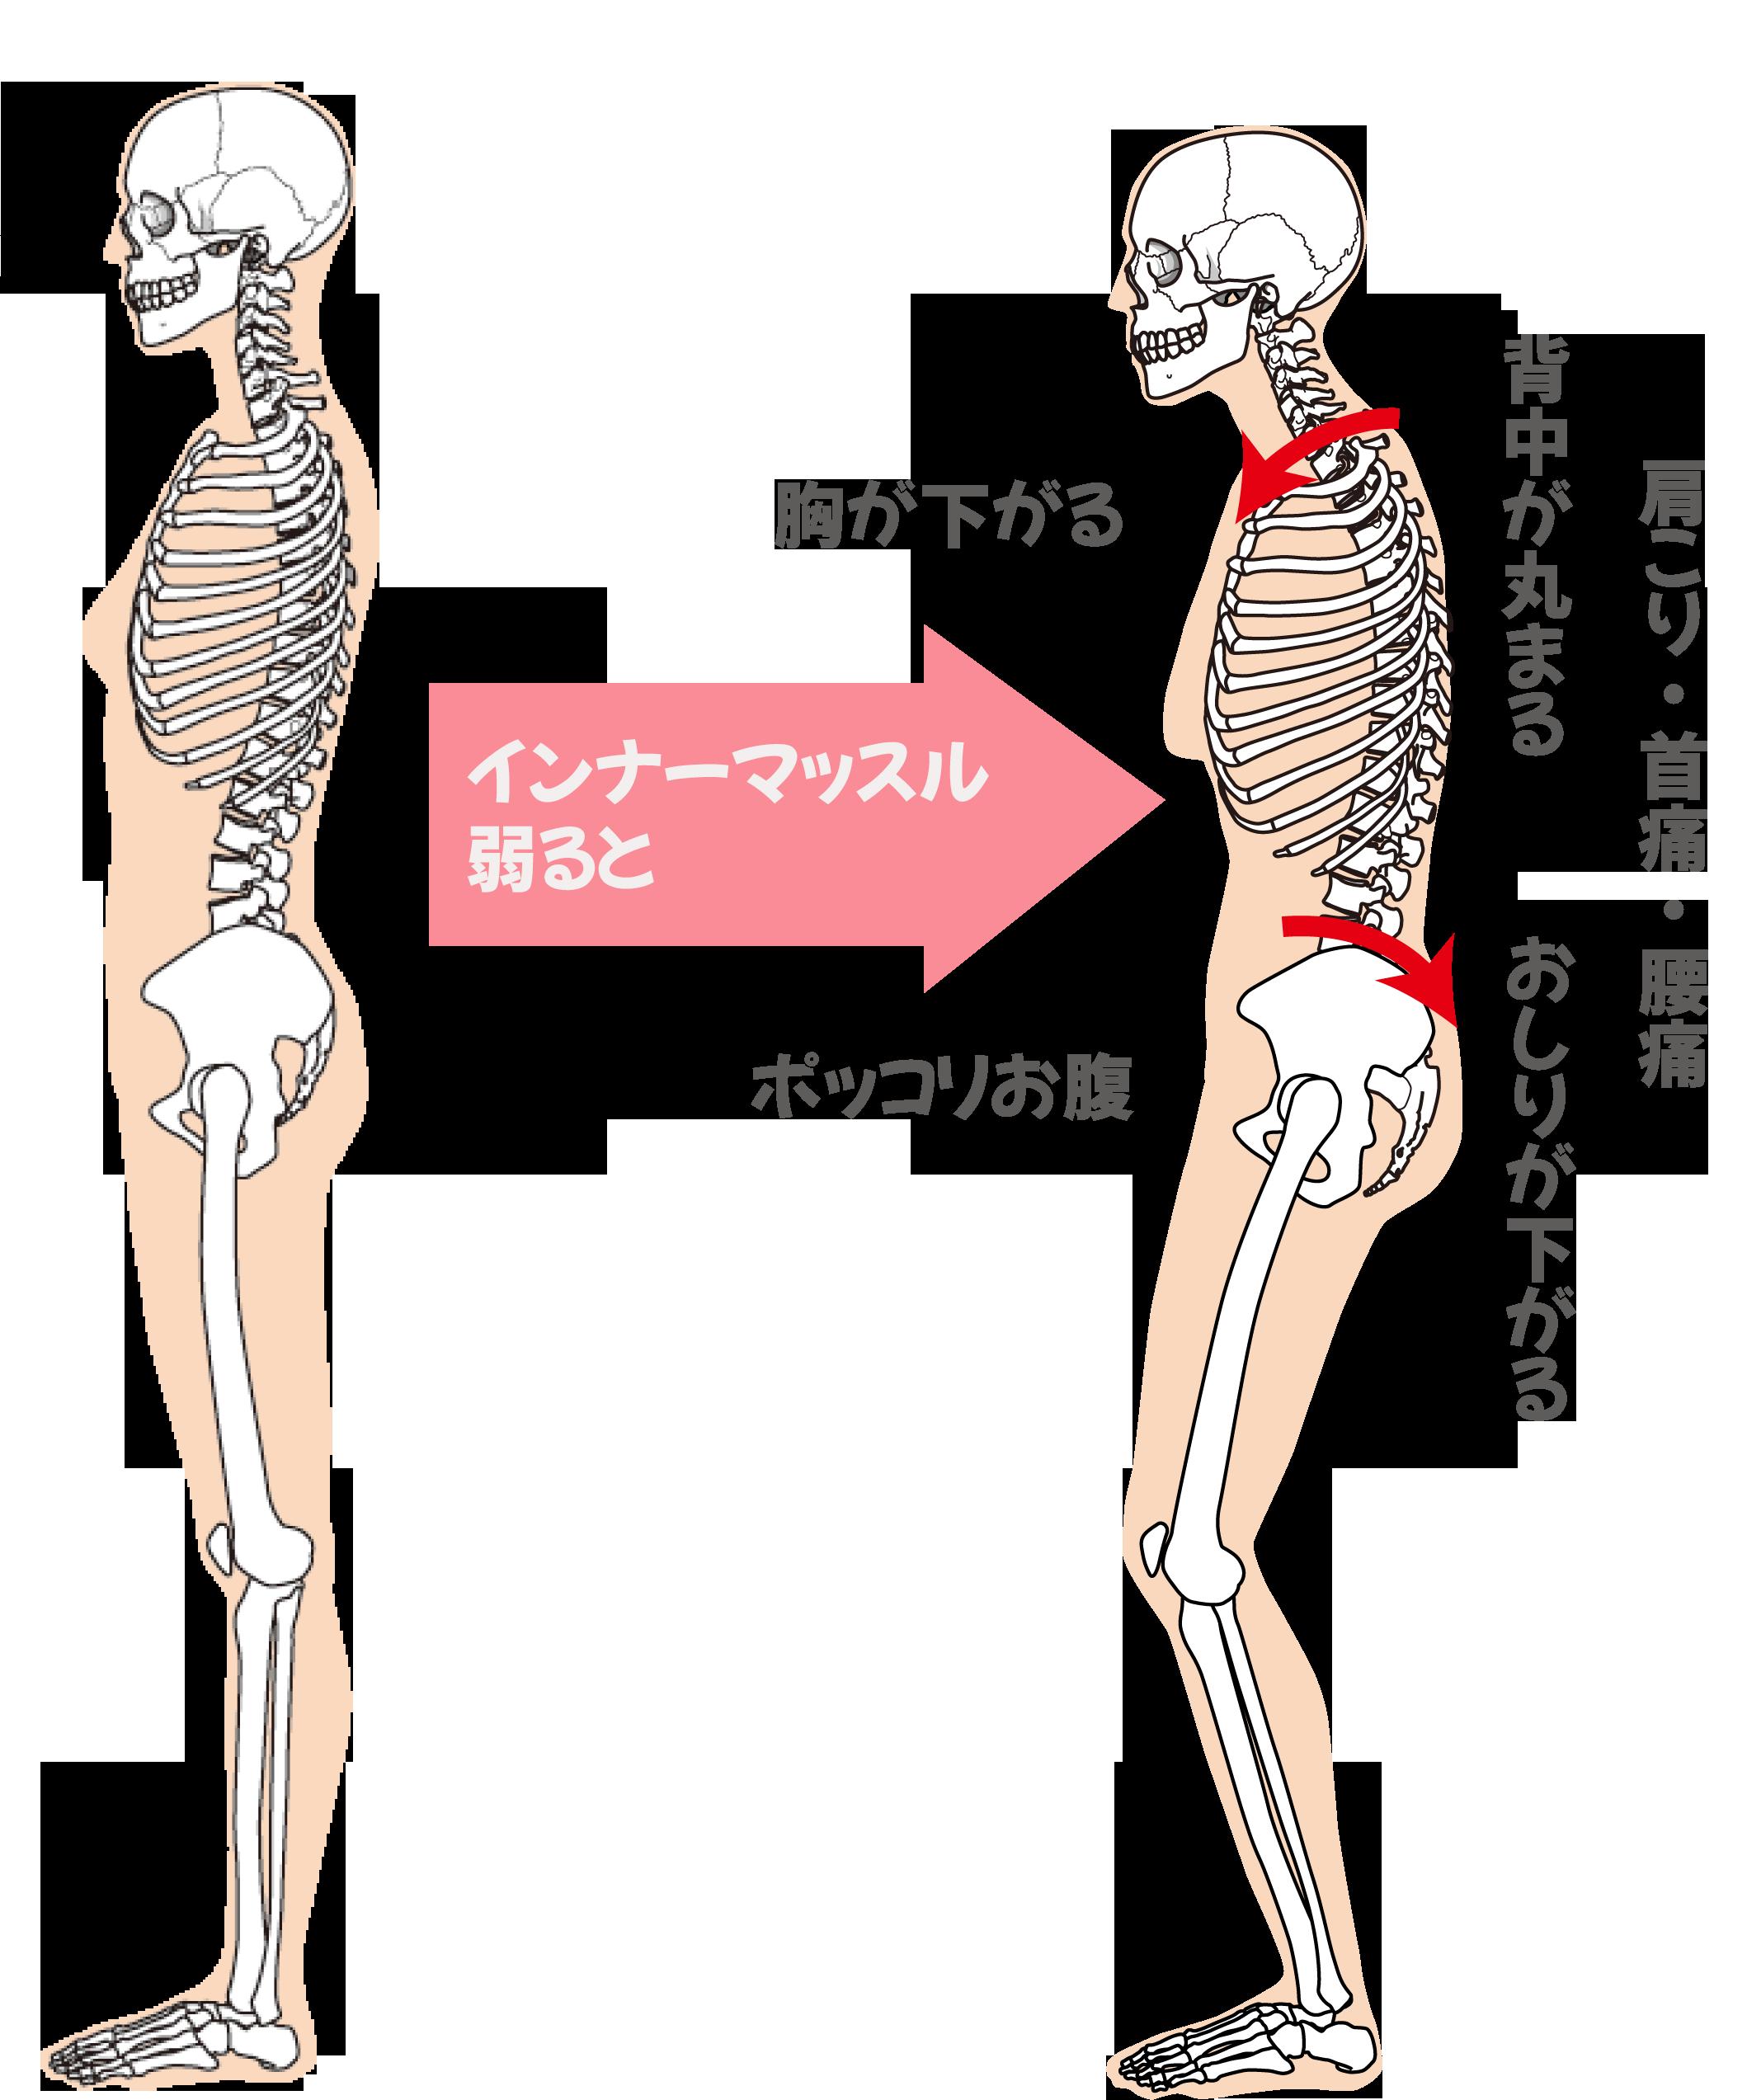 インナーマッスルが弱るとおこる肩こり・腰痛・首痛の説明画像